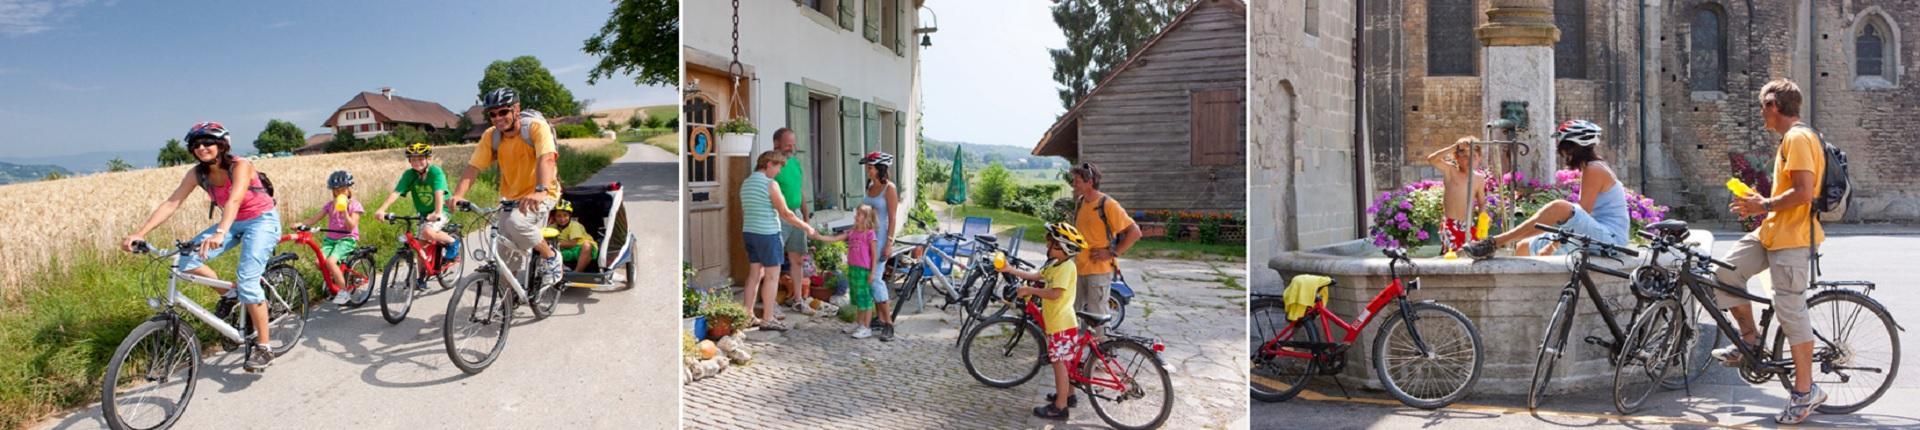 טיול אופניים במרכז שוויץ מציריך ללואן